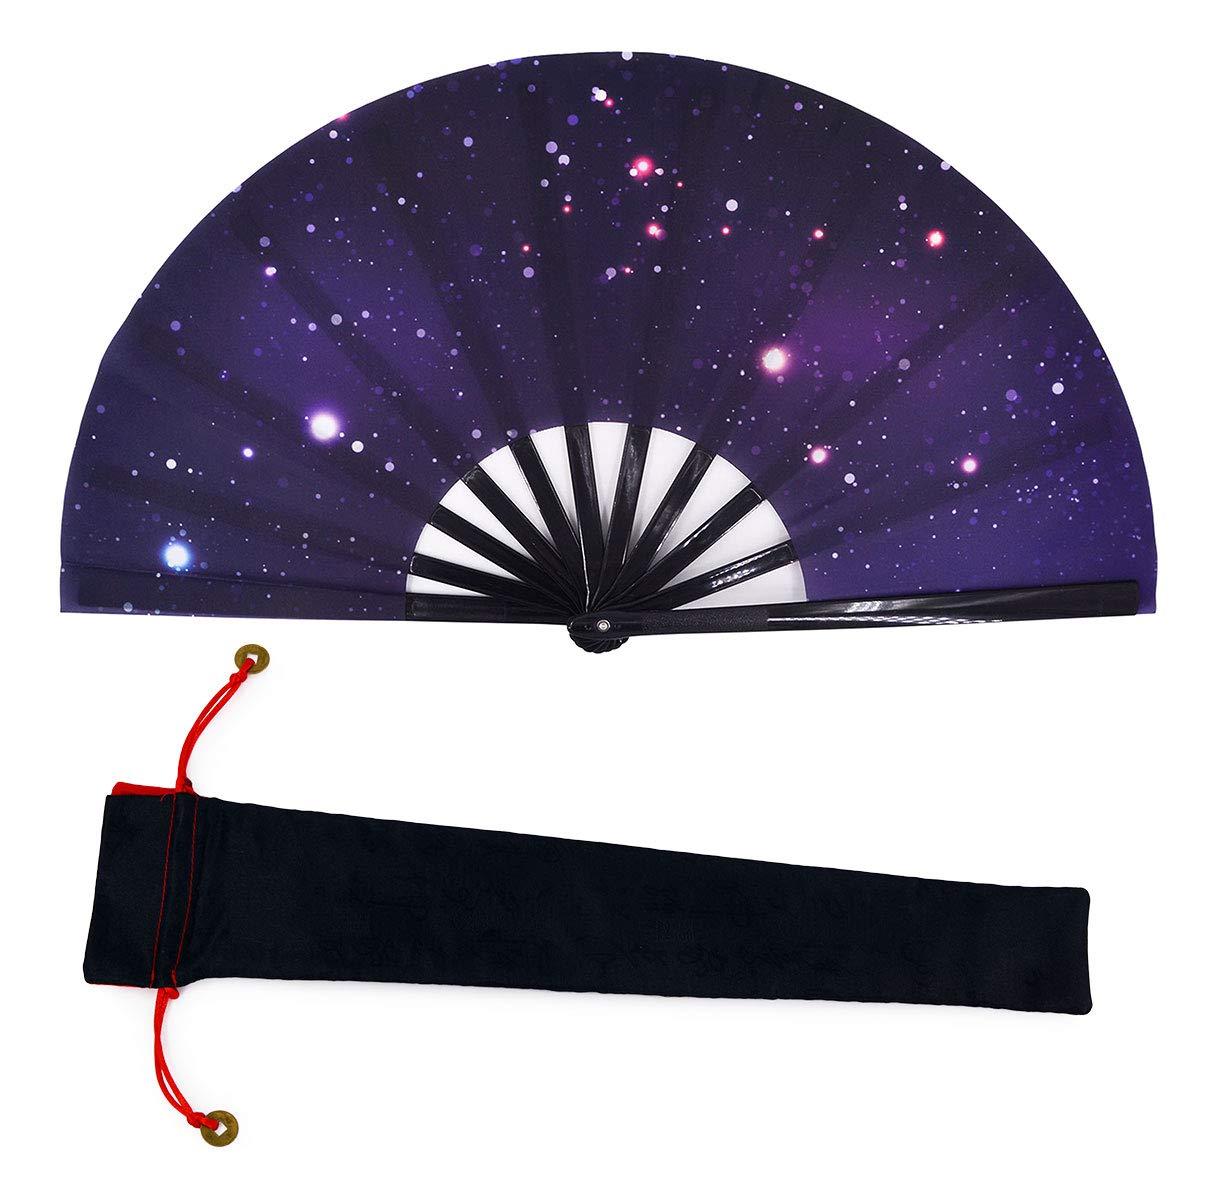 Amajiji Large Galaxy Hand Fans, Chinease/Japanese Nylon-Cloth Hand Folding Fans for Women/Men, Fabric Case for Protection, Festival Gift Fan Craft Fan Folding Fan Dance Fan (AM3)